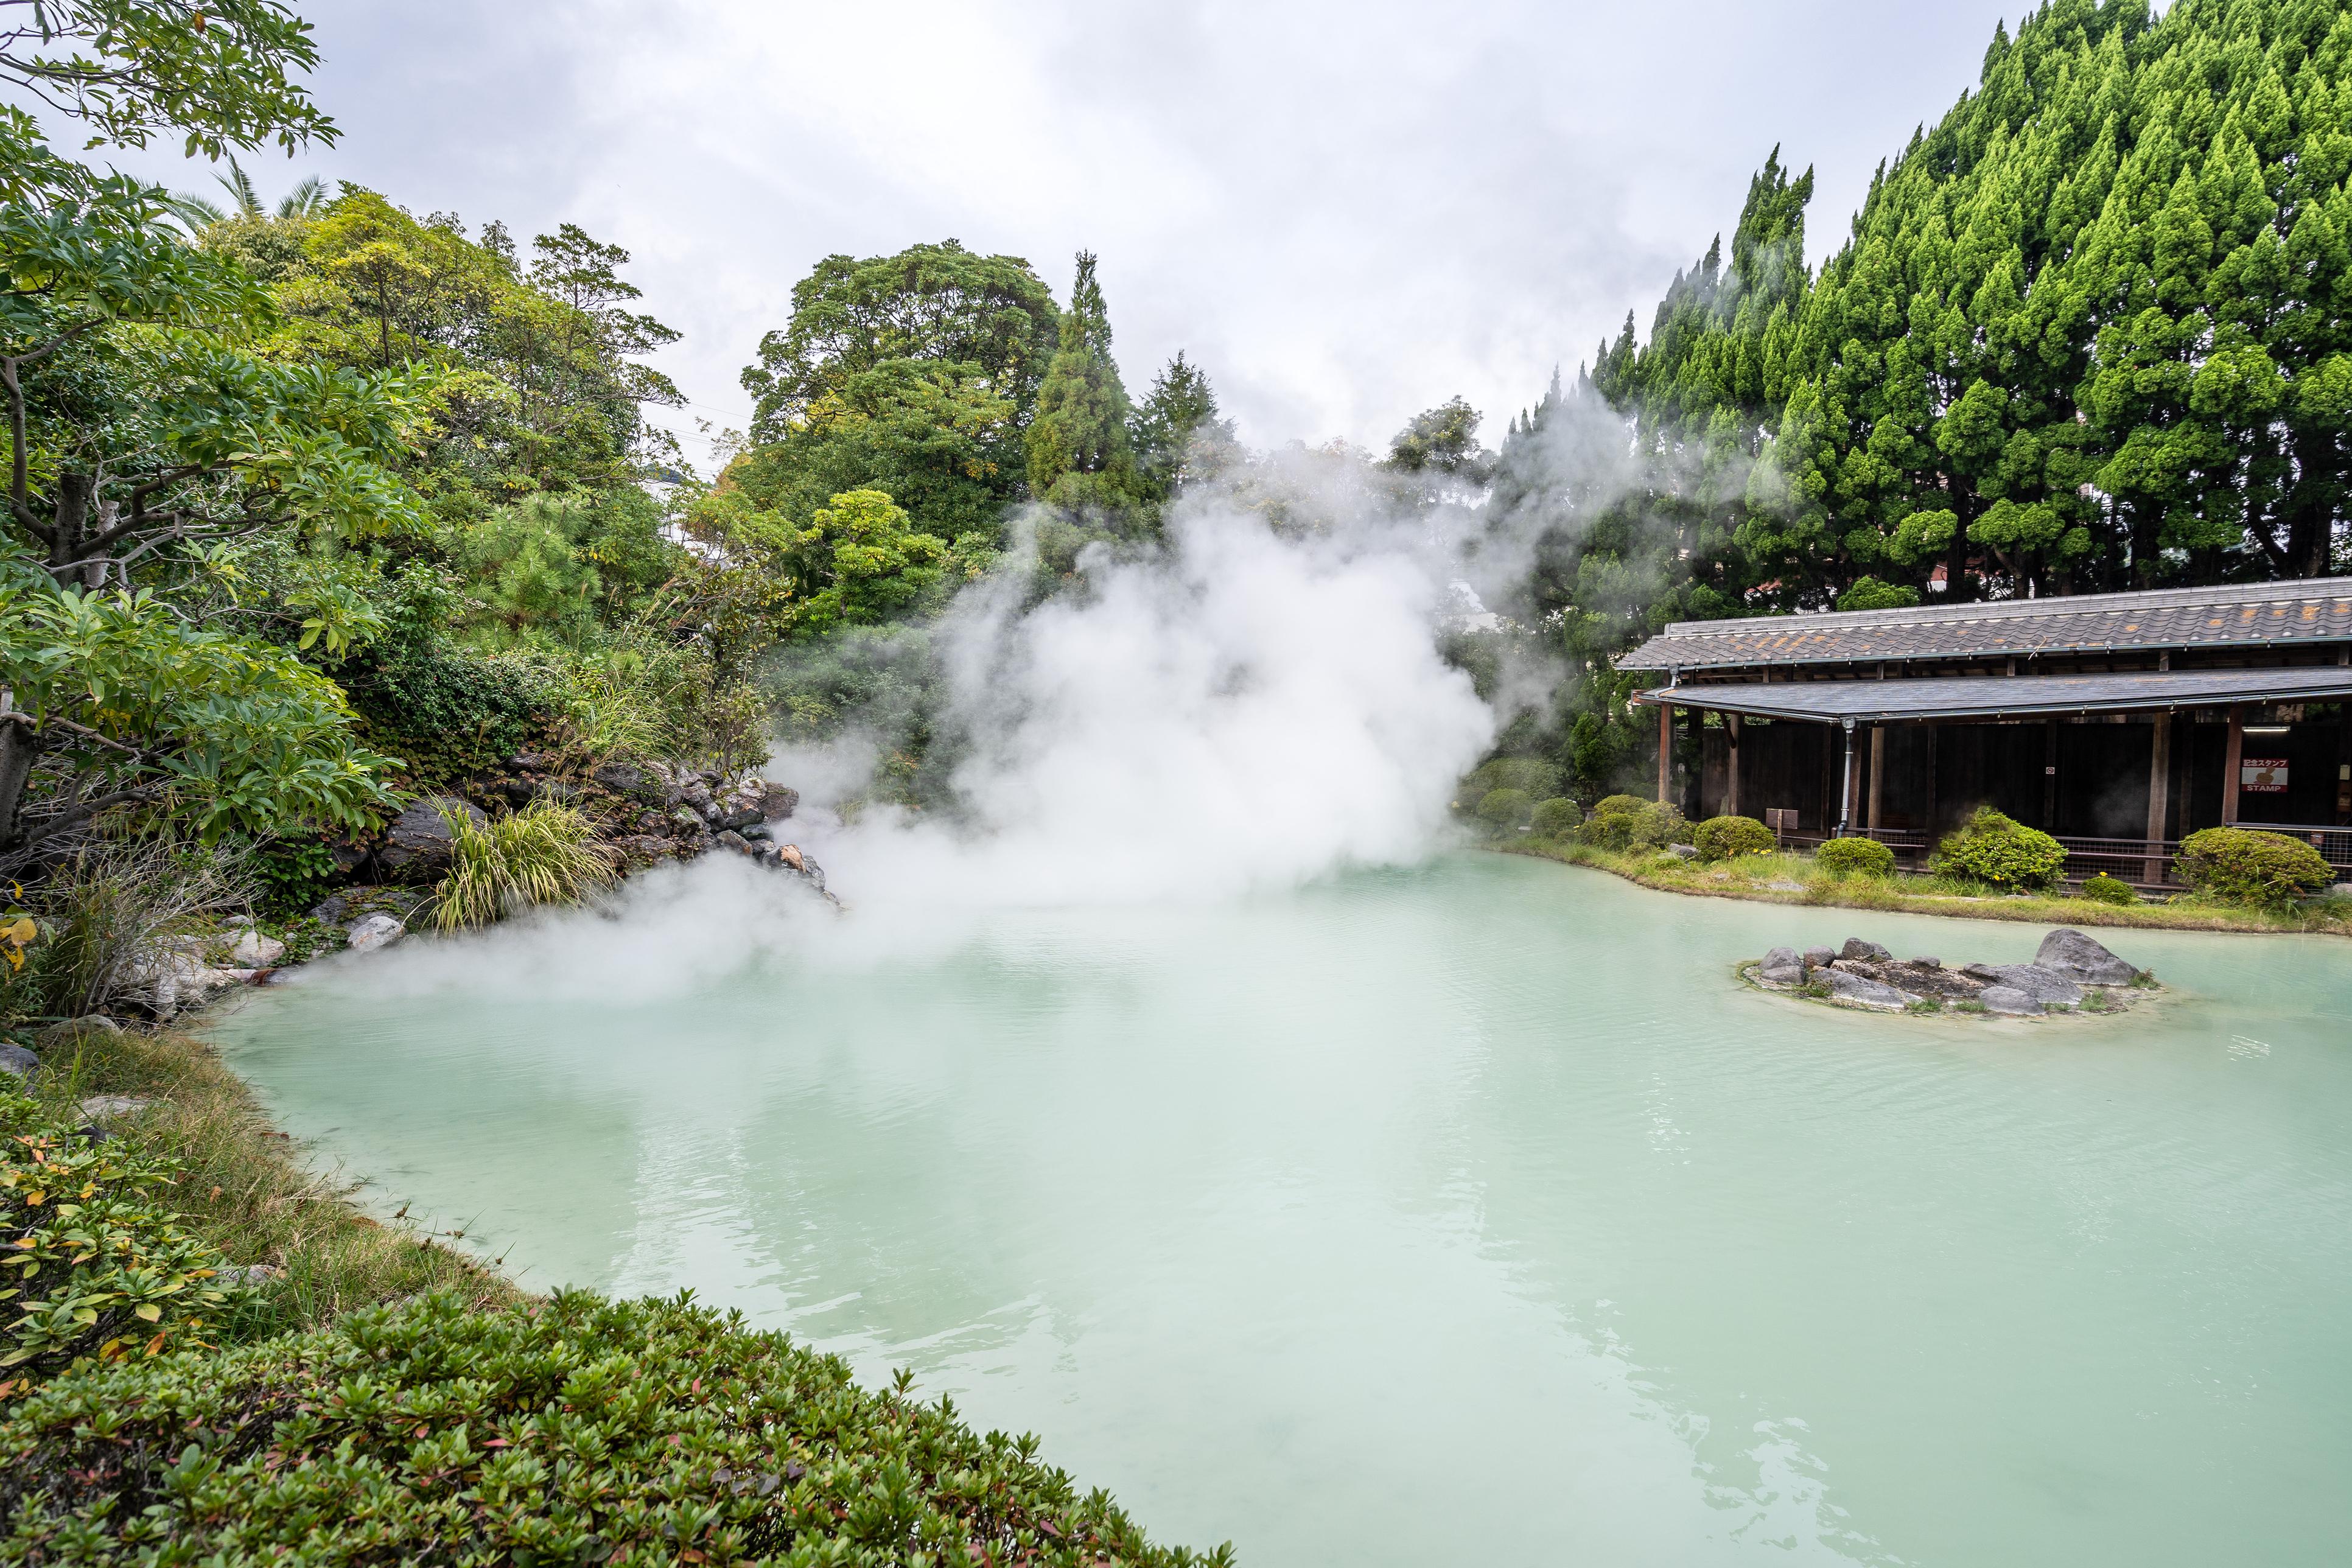 Shiraike Jigoku (White Pond Hell)